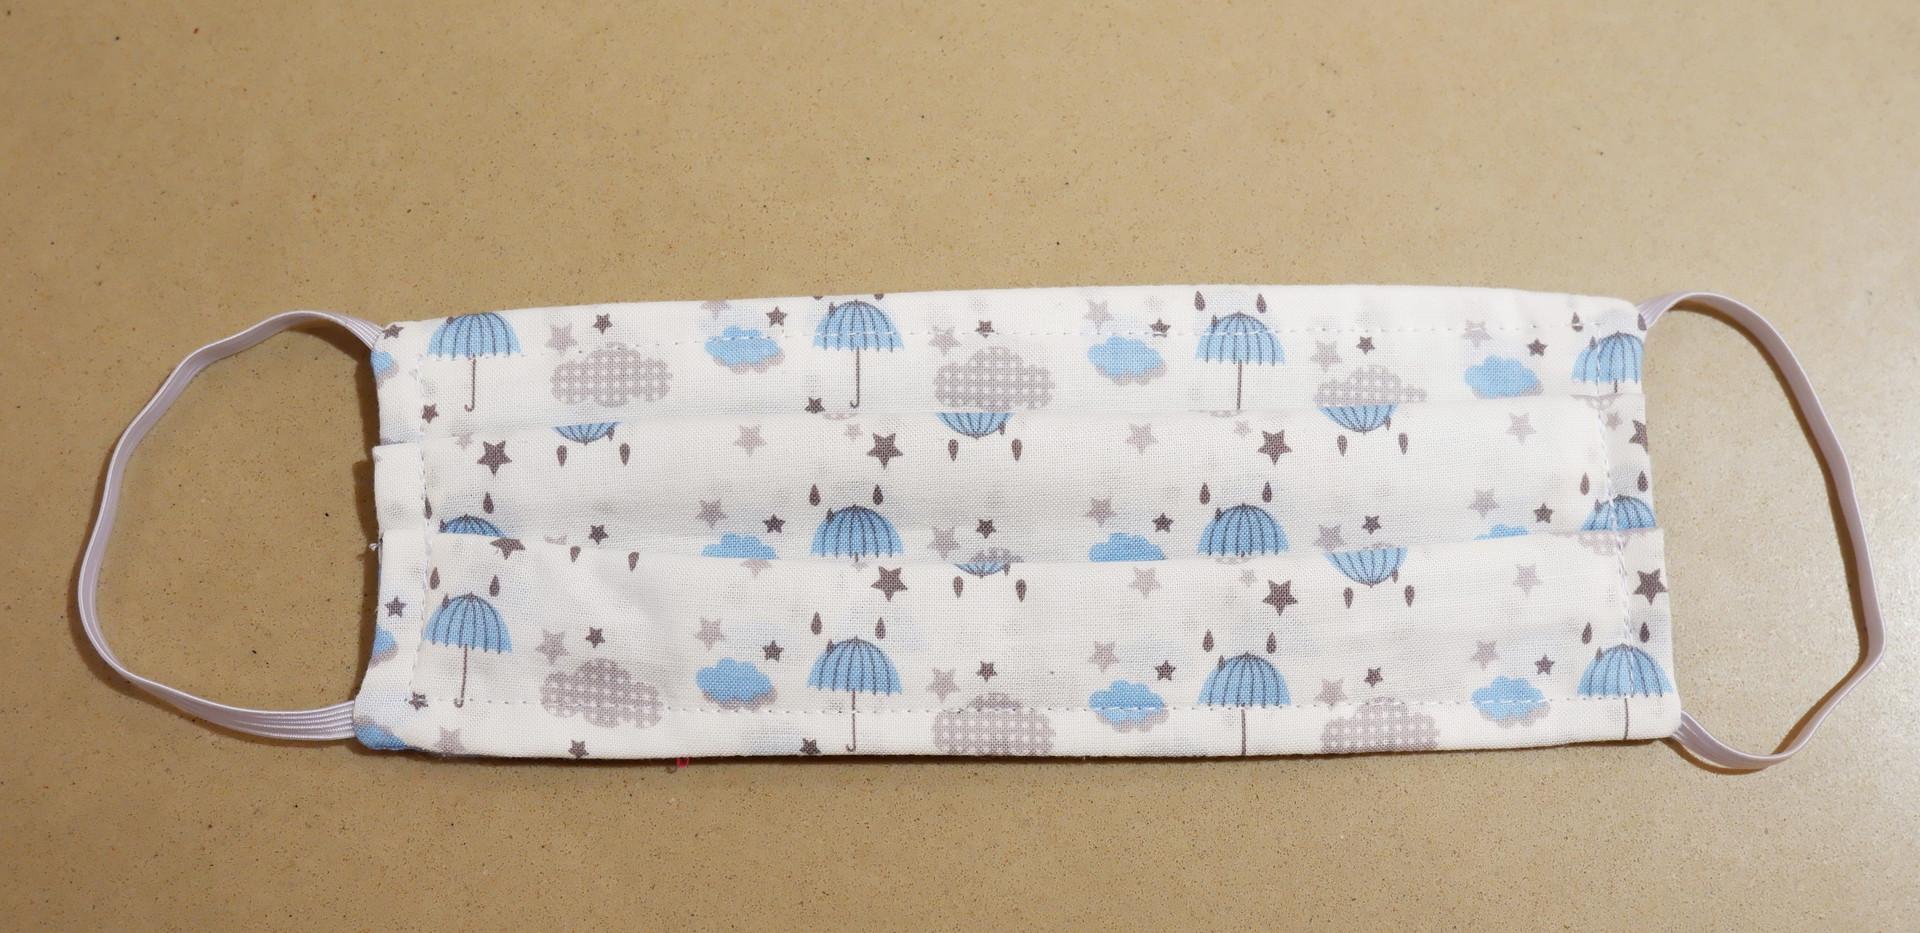 Blue rainy day fabric mask